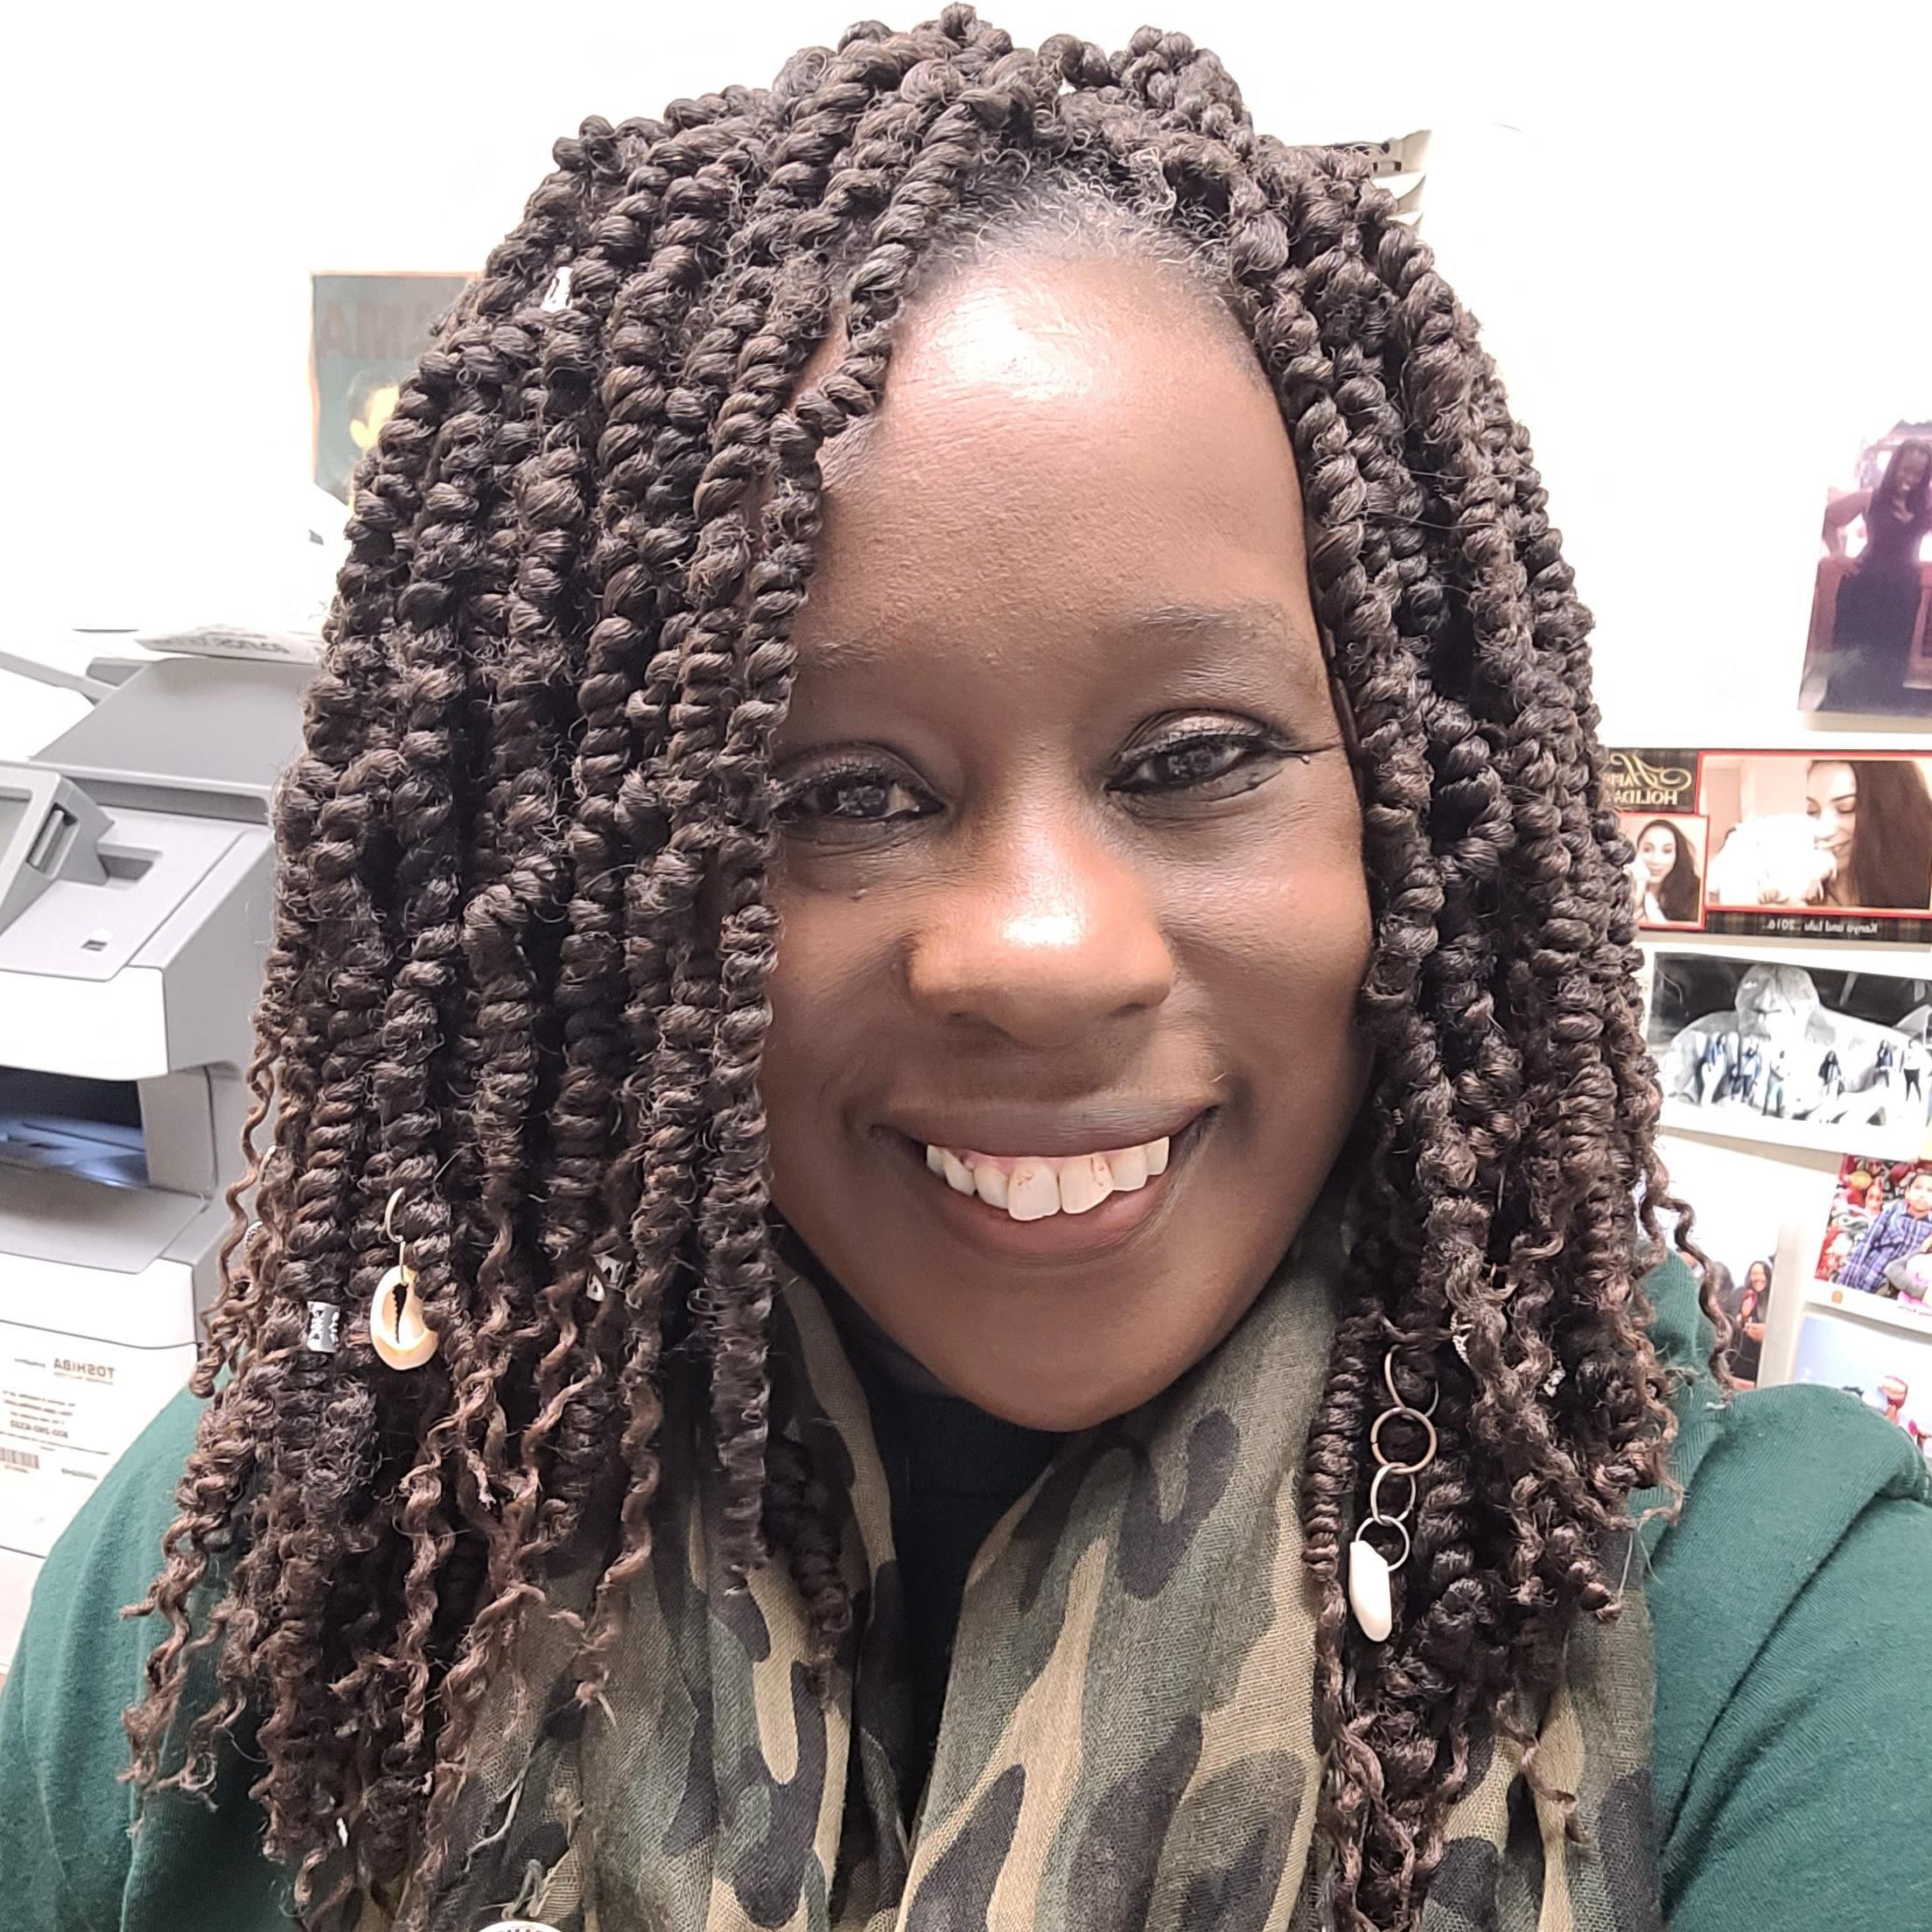 W. Morgan's Profile Photo